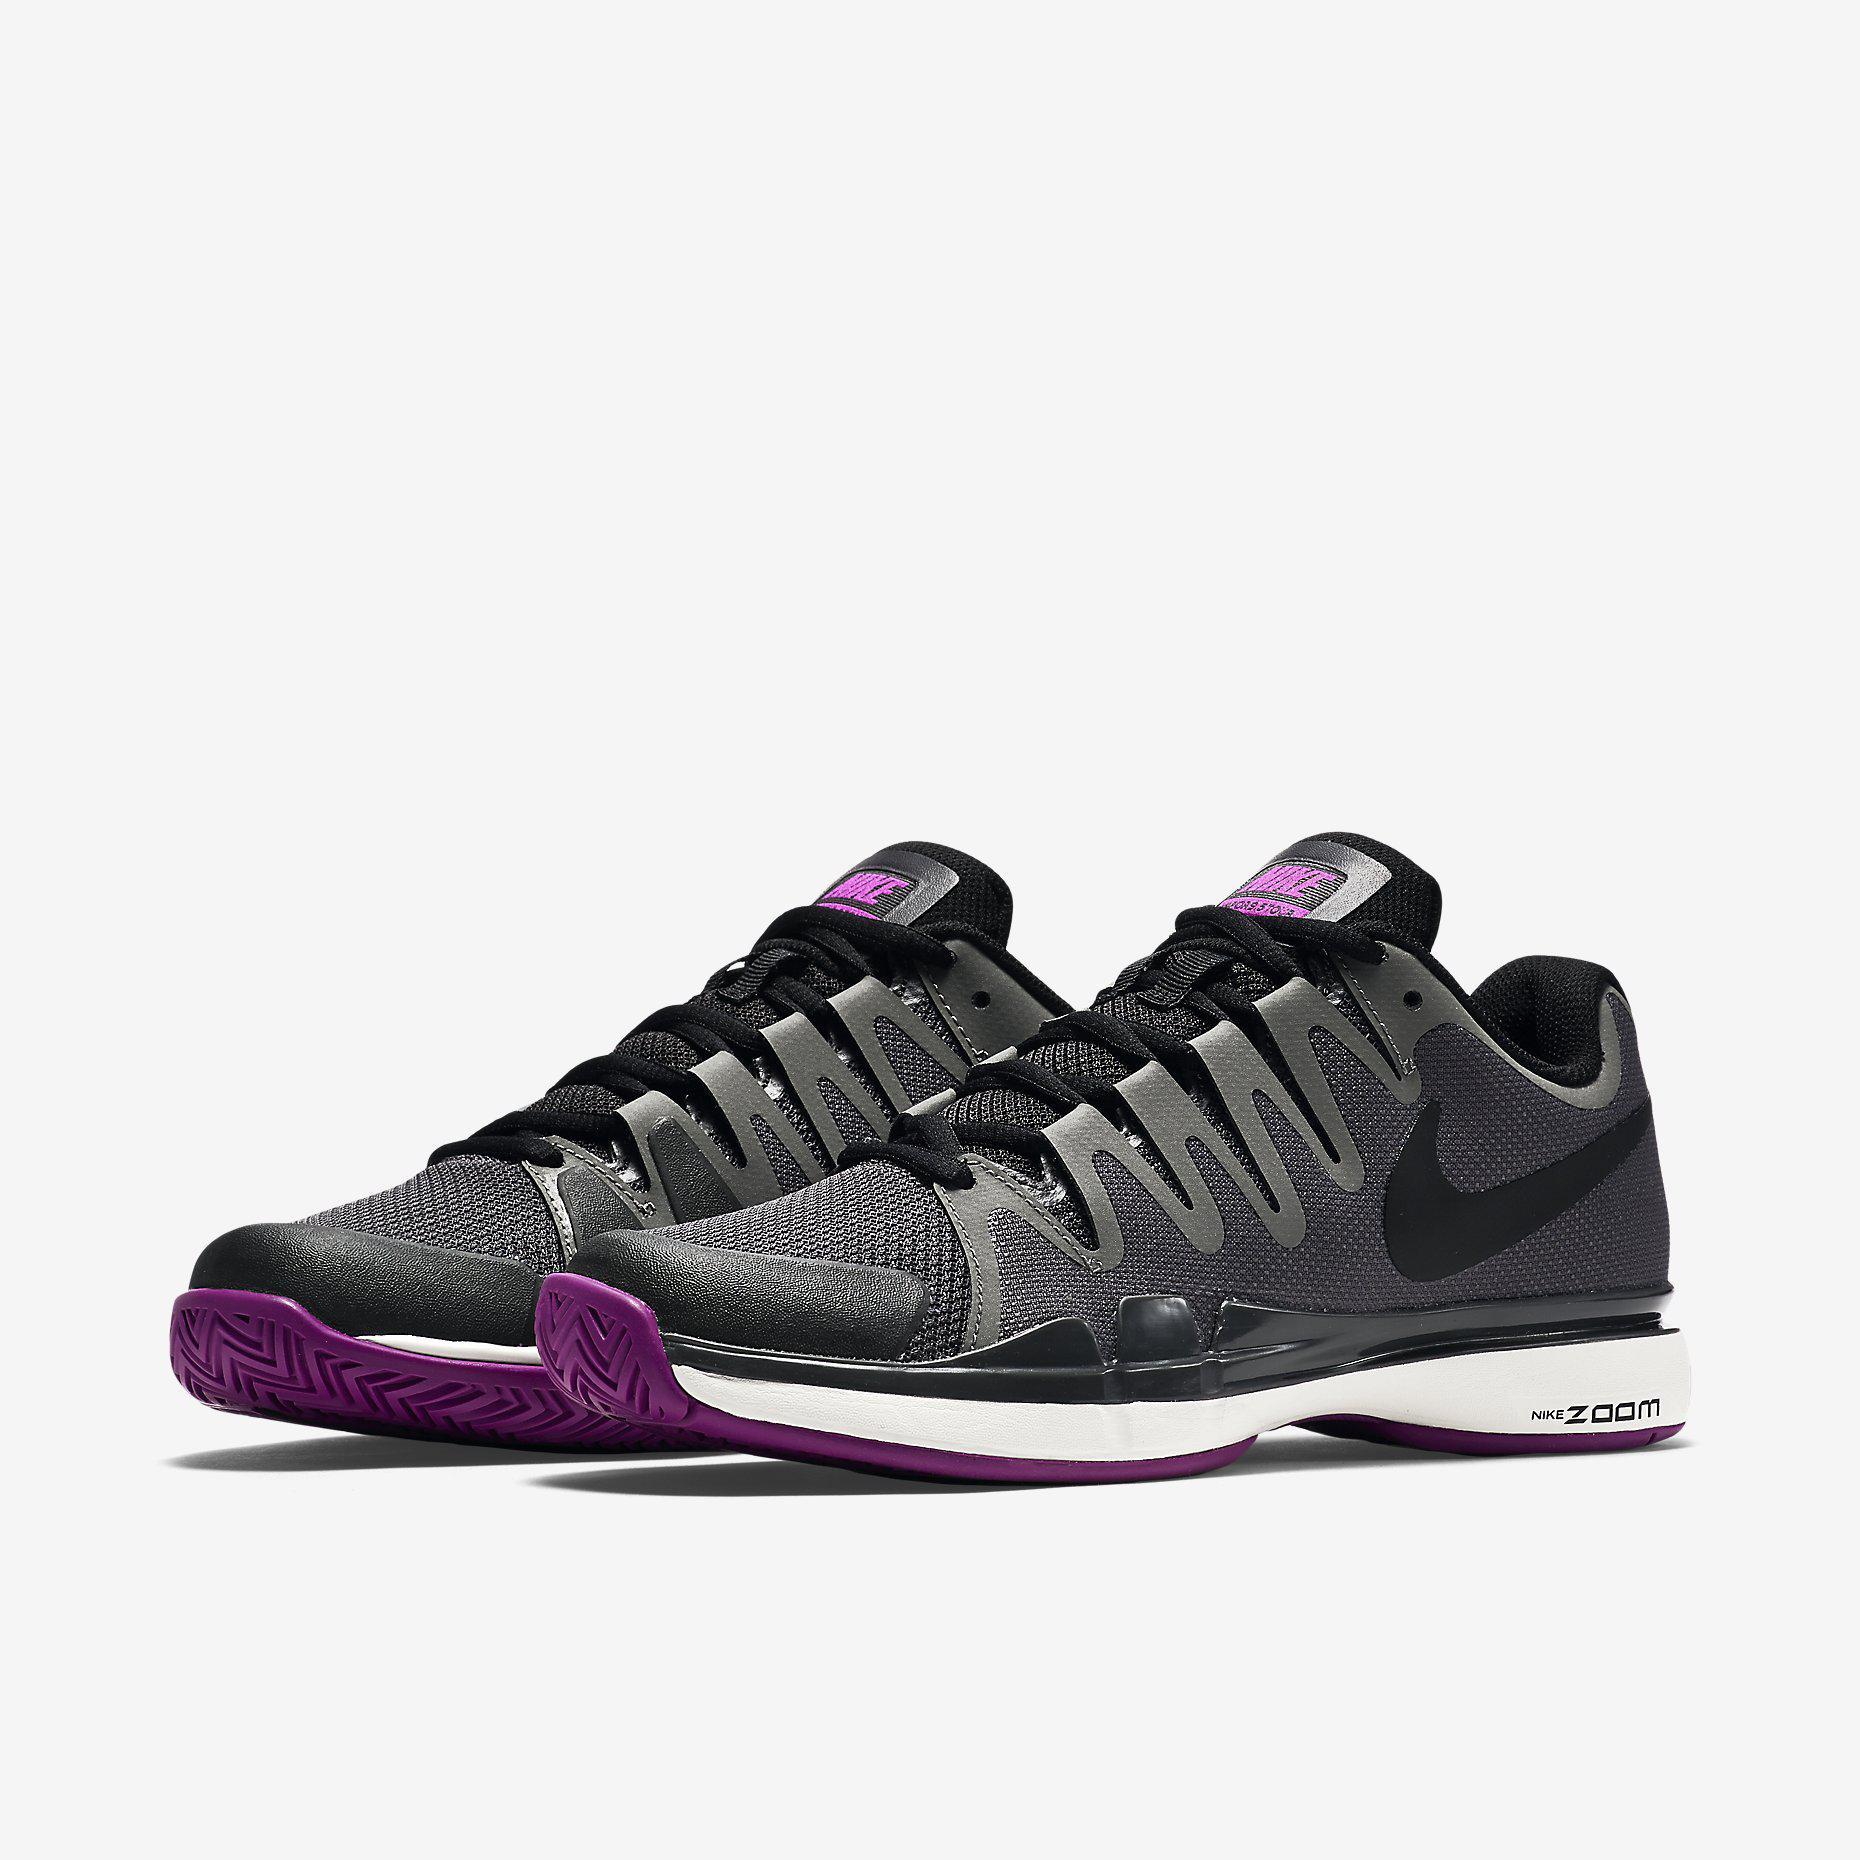 réduction excellente Nike Zoom Femmes Vapeur 9.5 Chaussures De Tennis - Minuit Couleur Du Brouillard coût en ligne meilleur gros limité achat en ligne dZMeraSW5